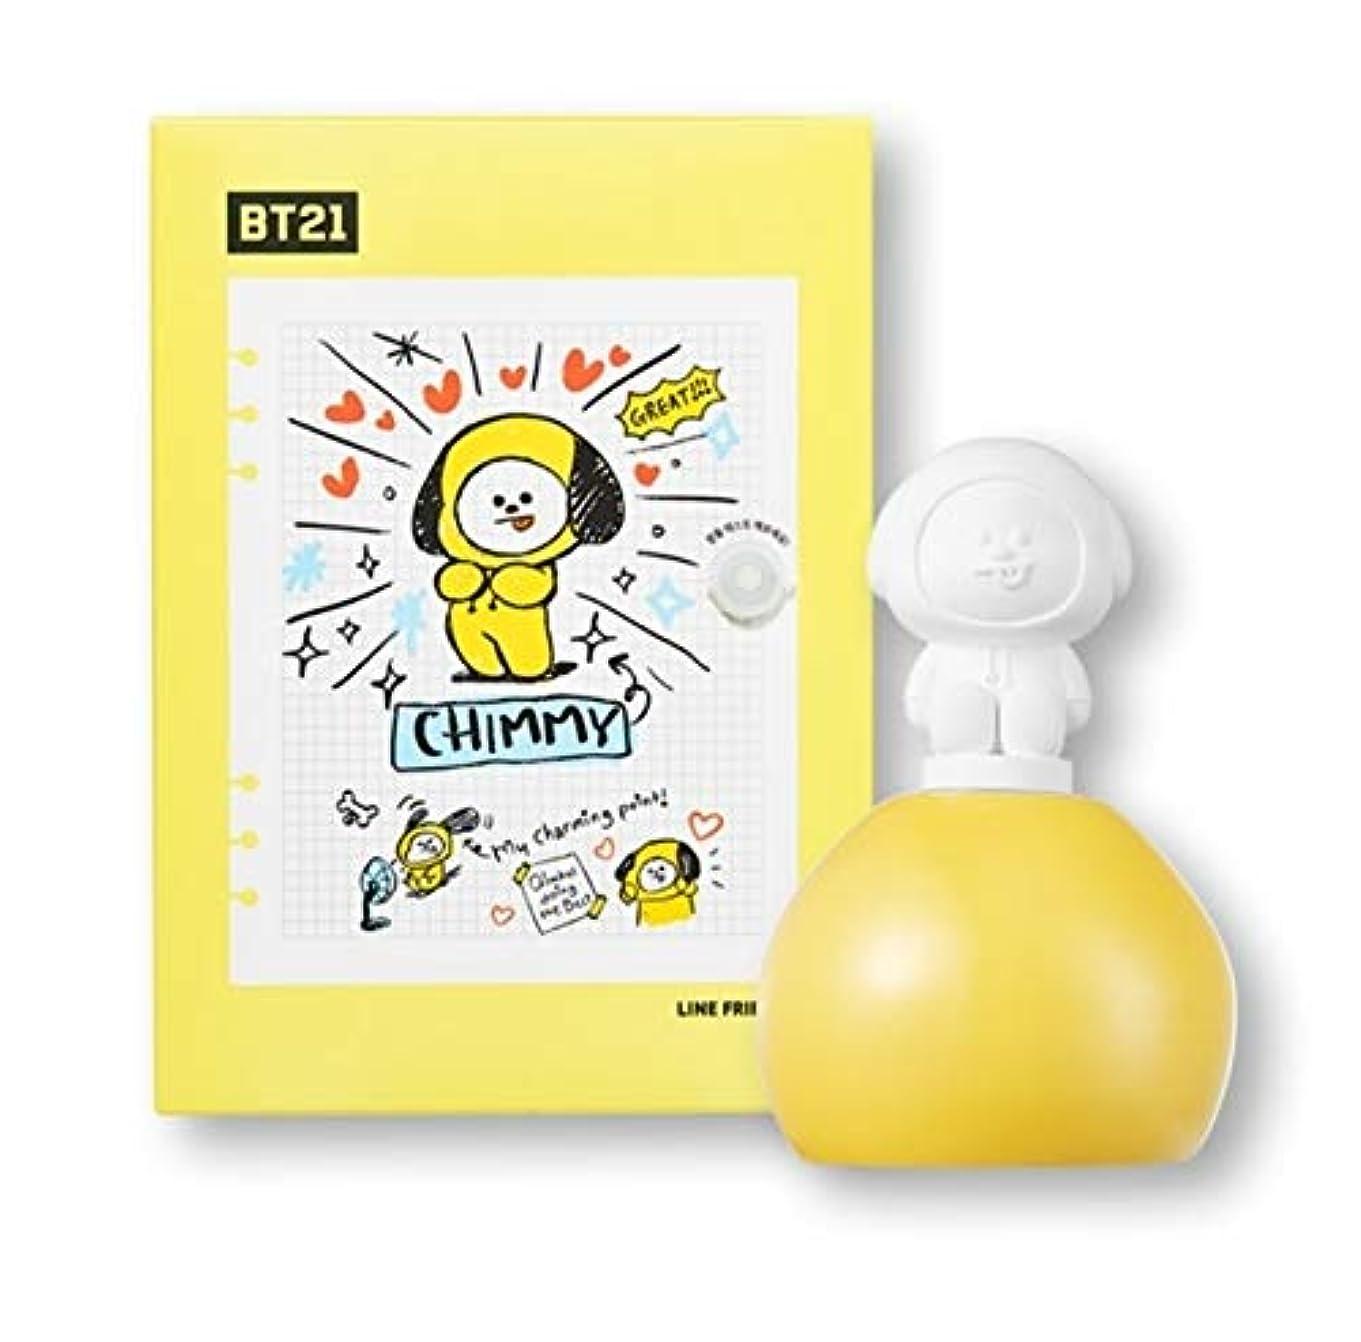 順番属する問い合わせ最終 BT21 CHIMMY アロマディフューザー 柚子レモンの香り 芳香剤 防弾少年団 BTS チミー オリーブヤング